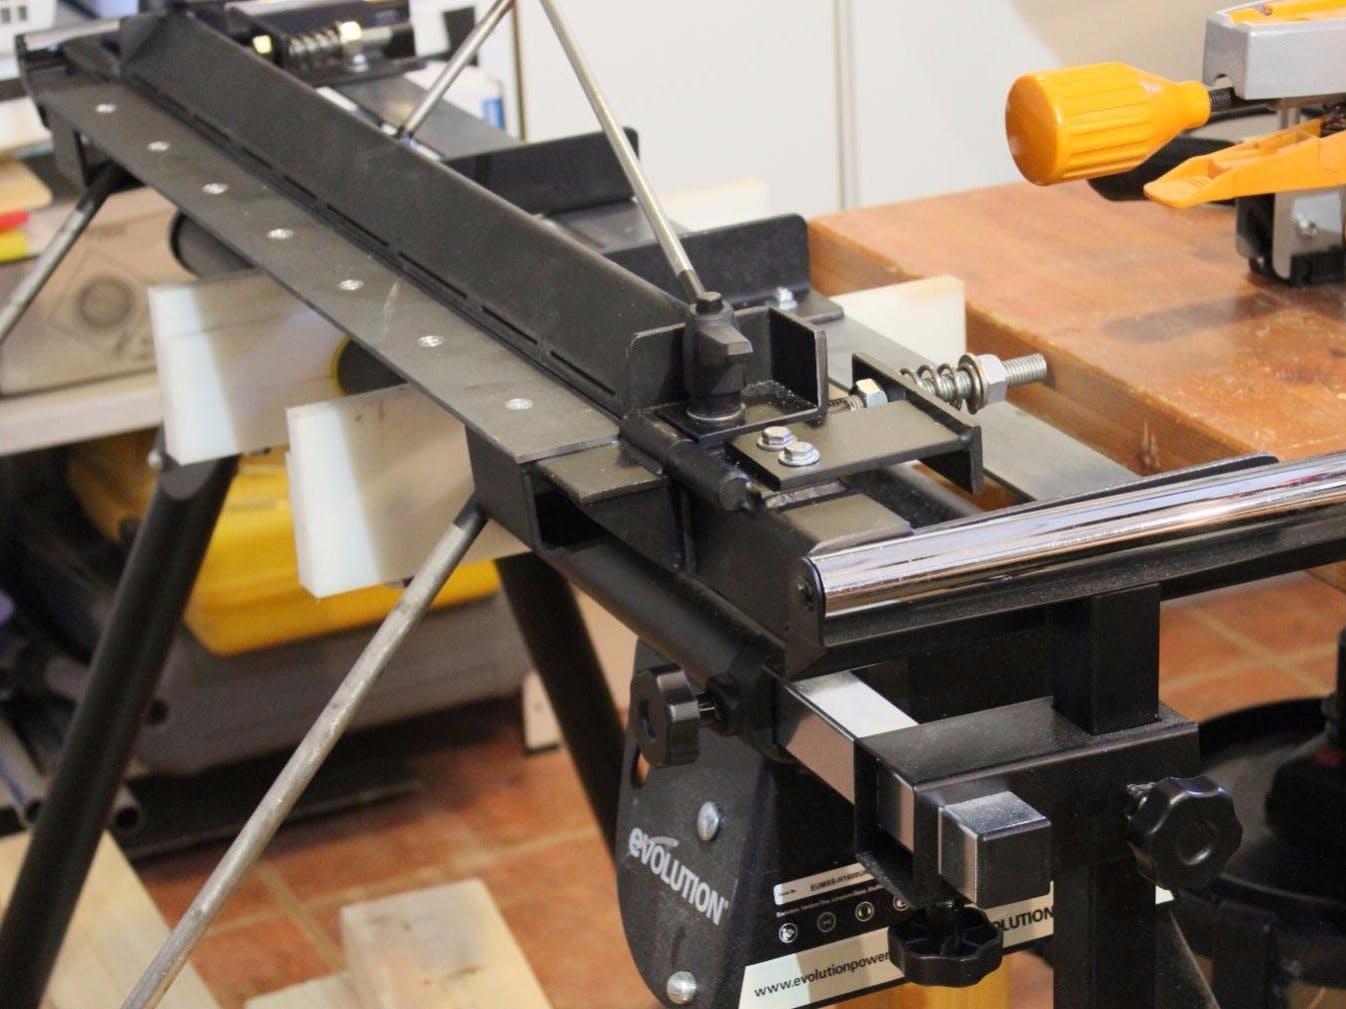 Sheet metal bending brake with radius adjustment.